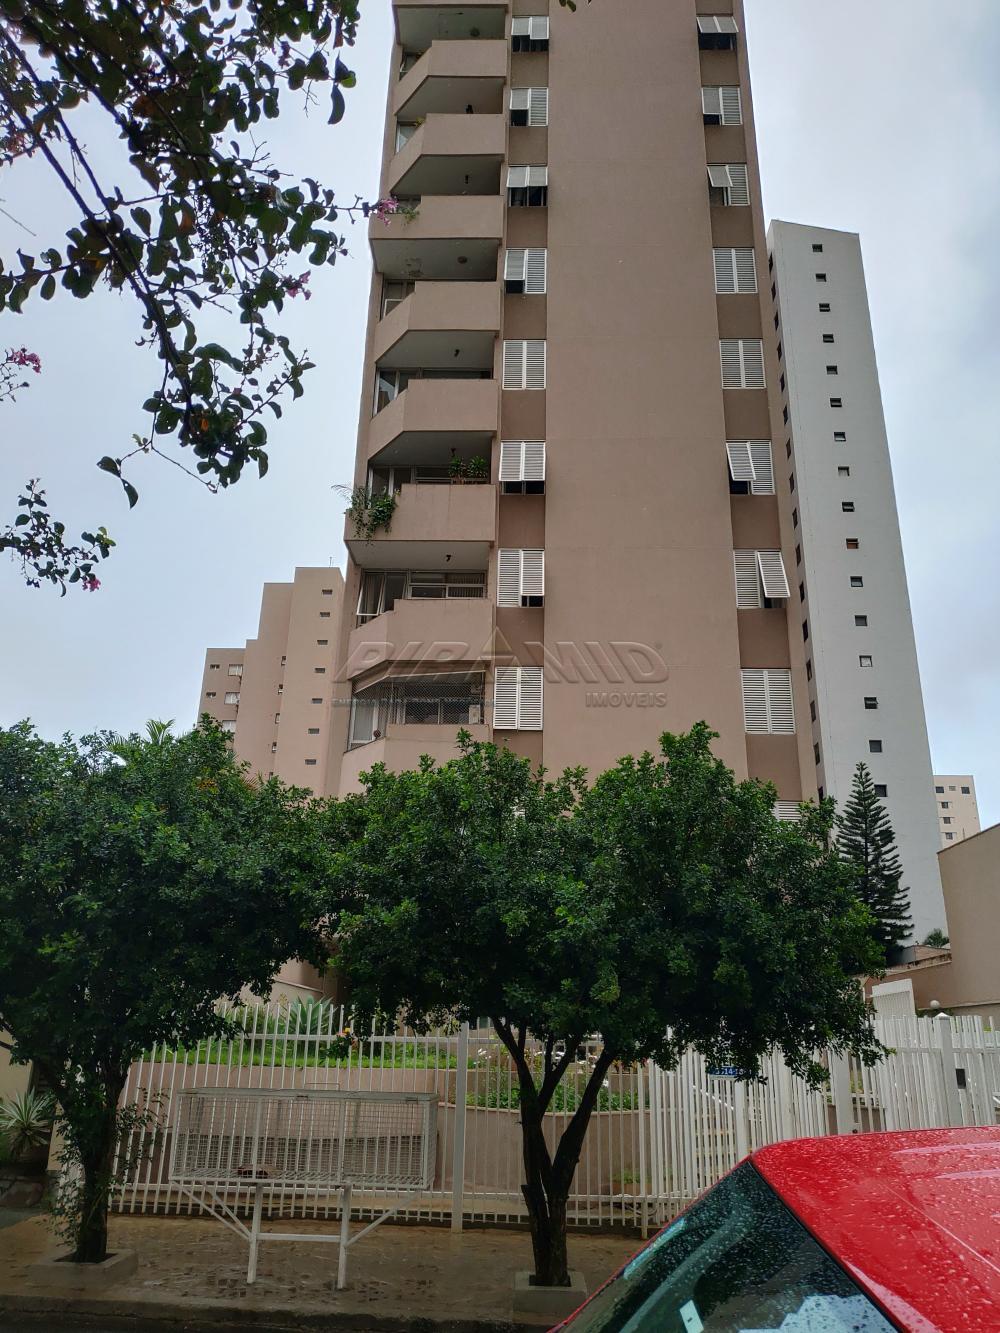 Comprar Apartamento / Padrão em Ribeirão Preto R$ 220.000,00 - Foto 16